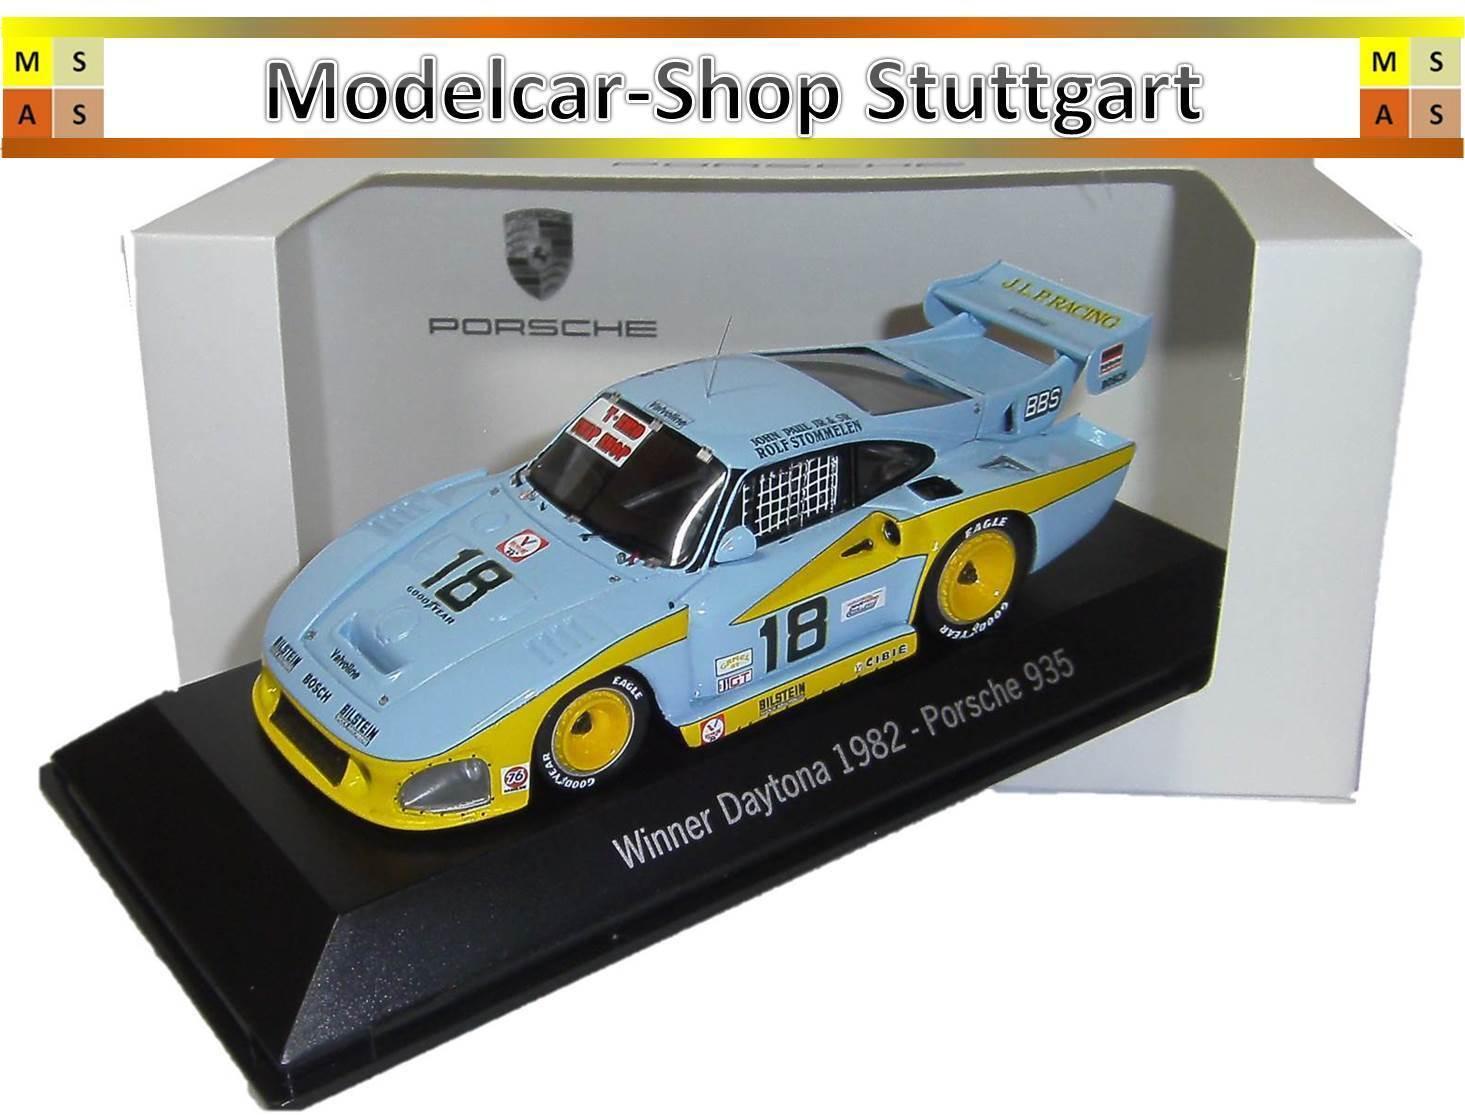 Porsche 935 winner daytona 1982 - Spark 1 43 - MAP02028214 - fabrikneu